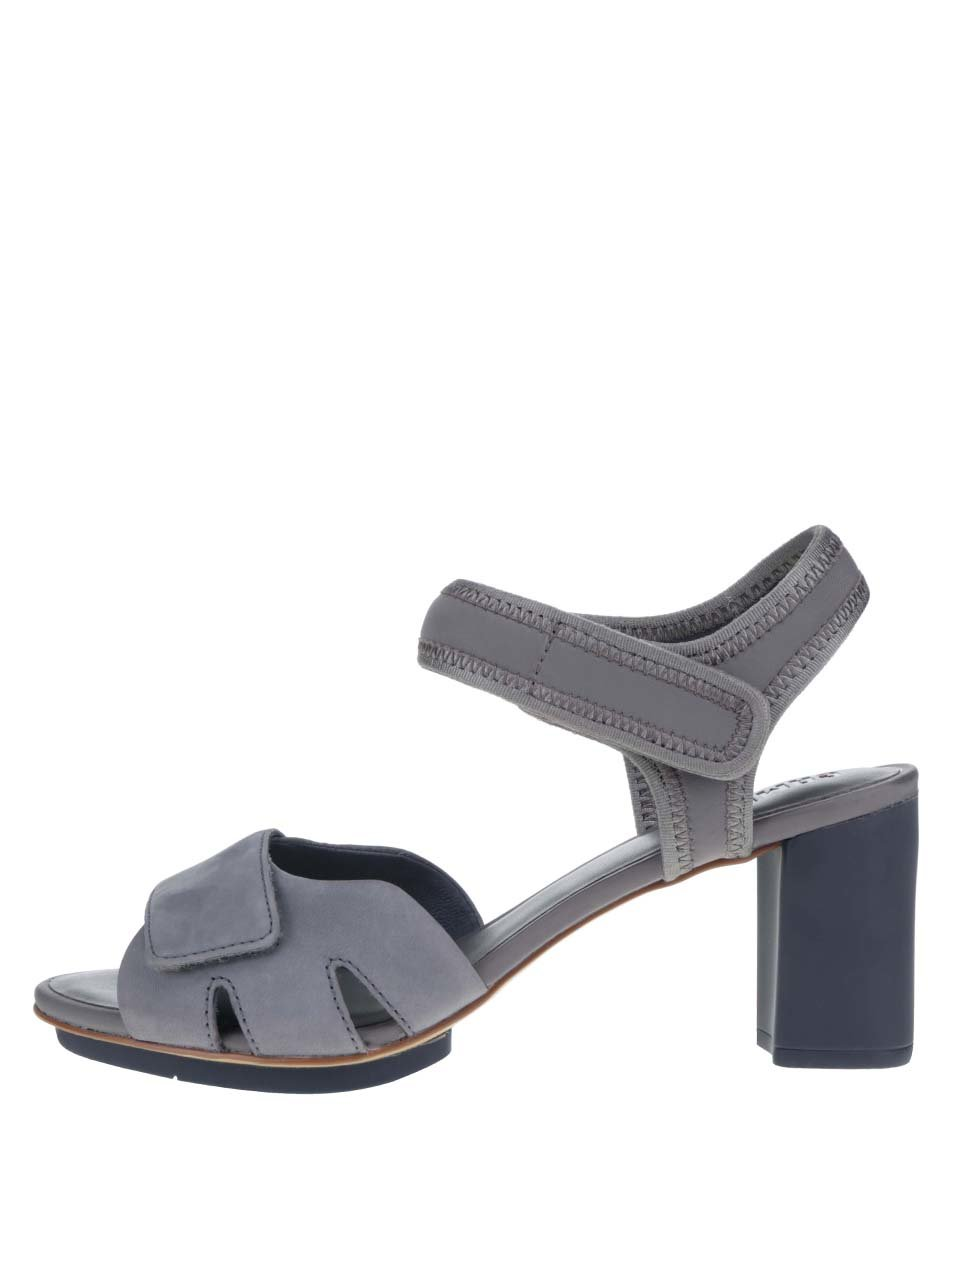 Šedé kožené sandálky na podpatku Camper Myriam